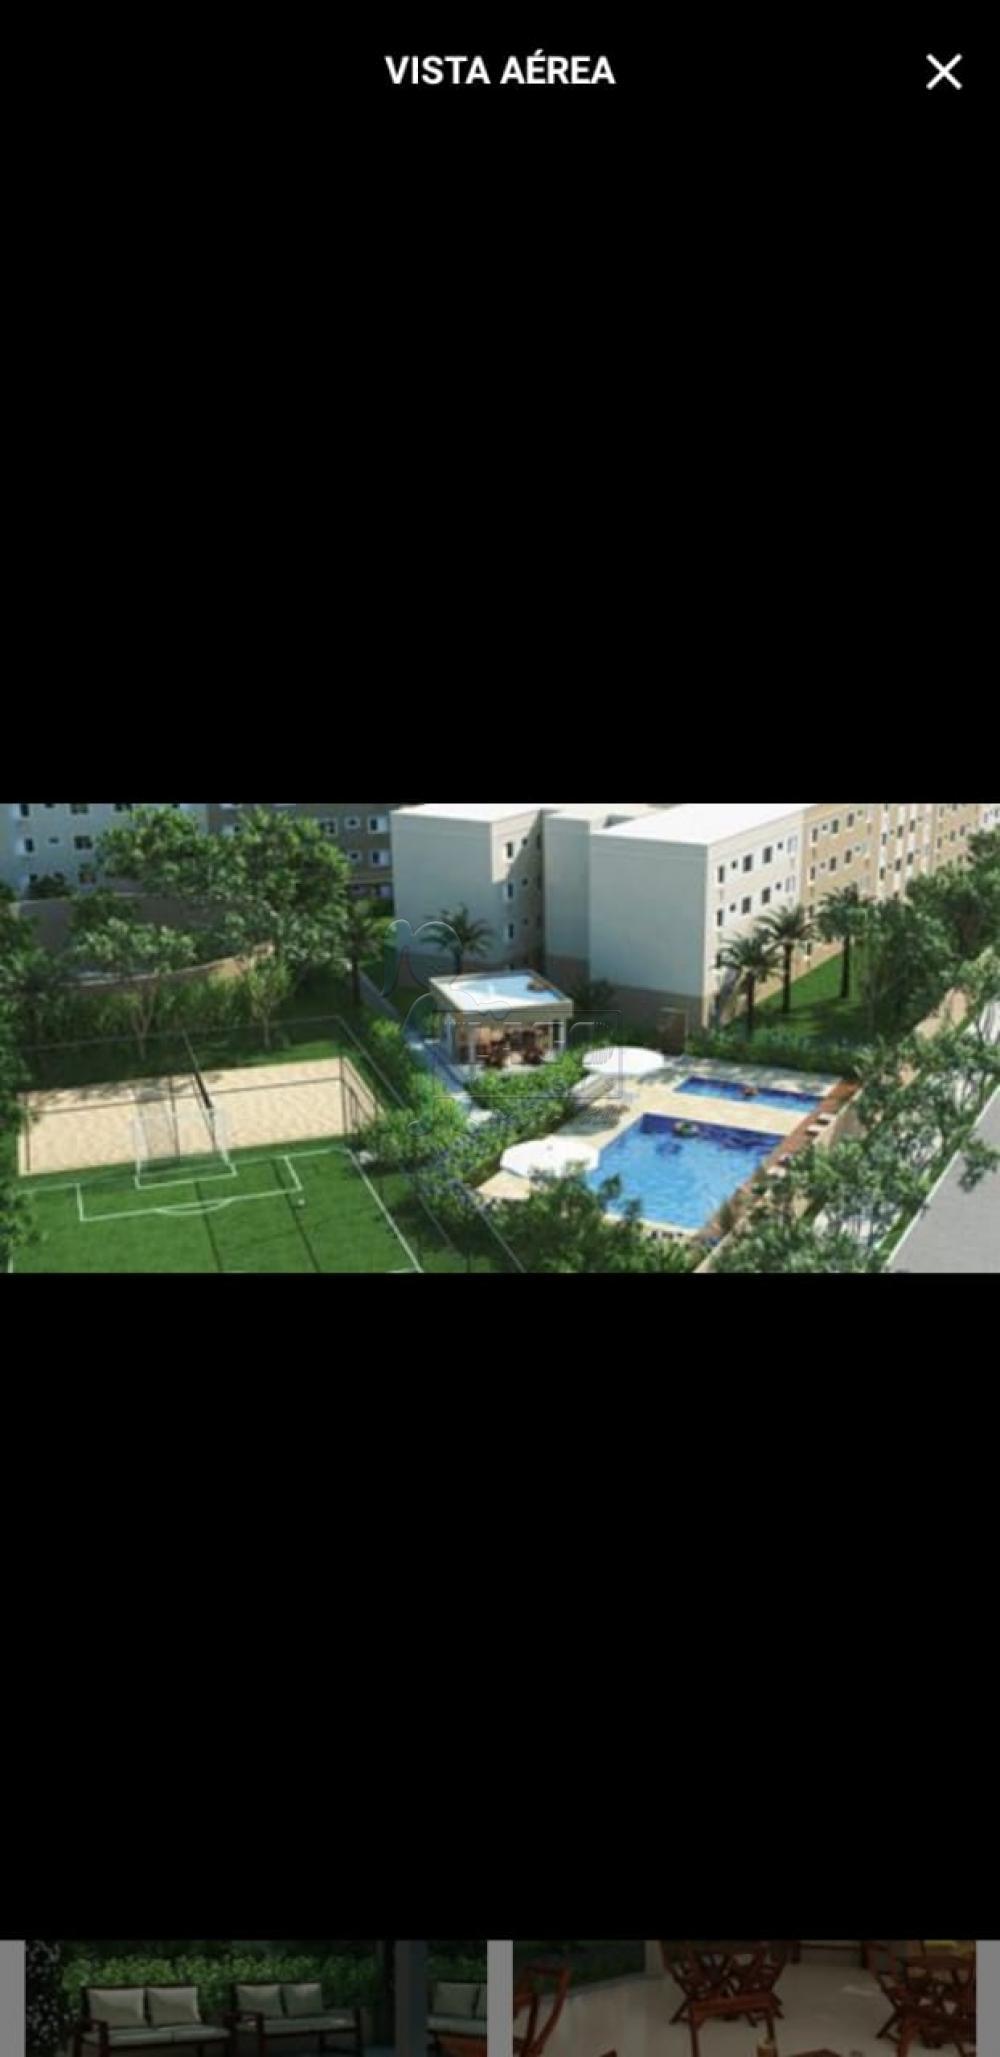 Comprar Apartamento / Padrão em Ribeirão Preto apenas R$ 140.000,00 - Foto 27